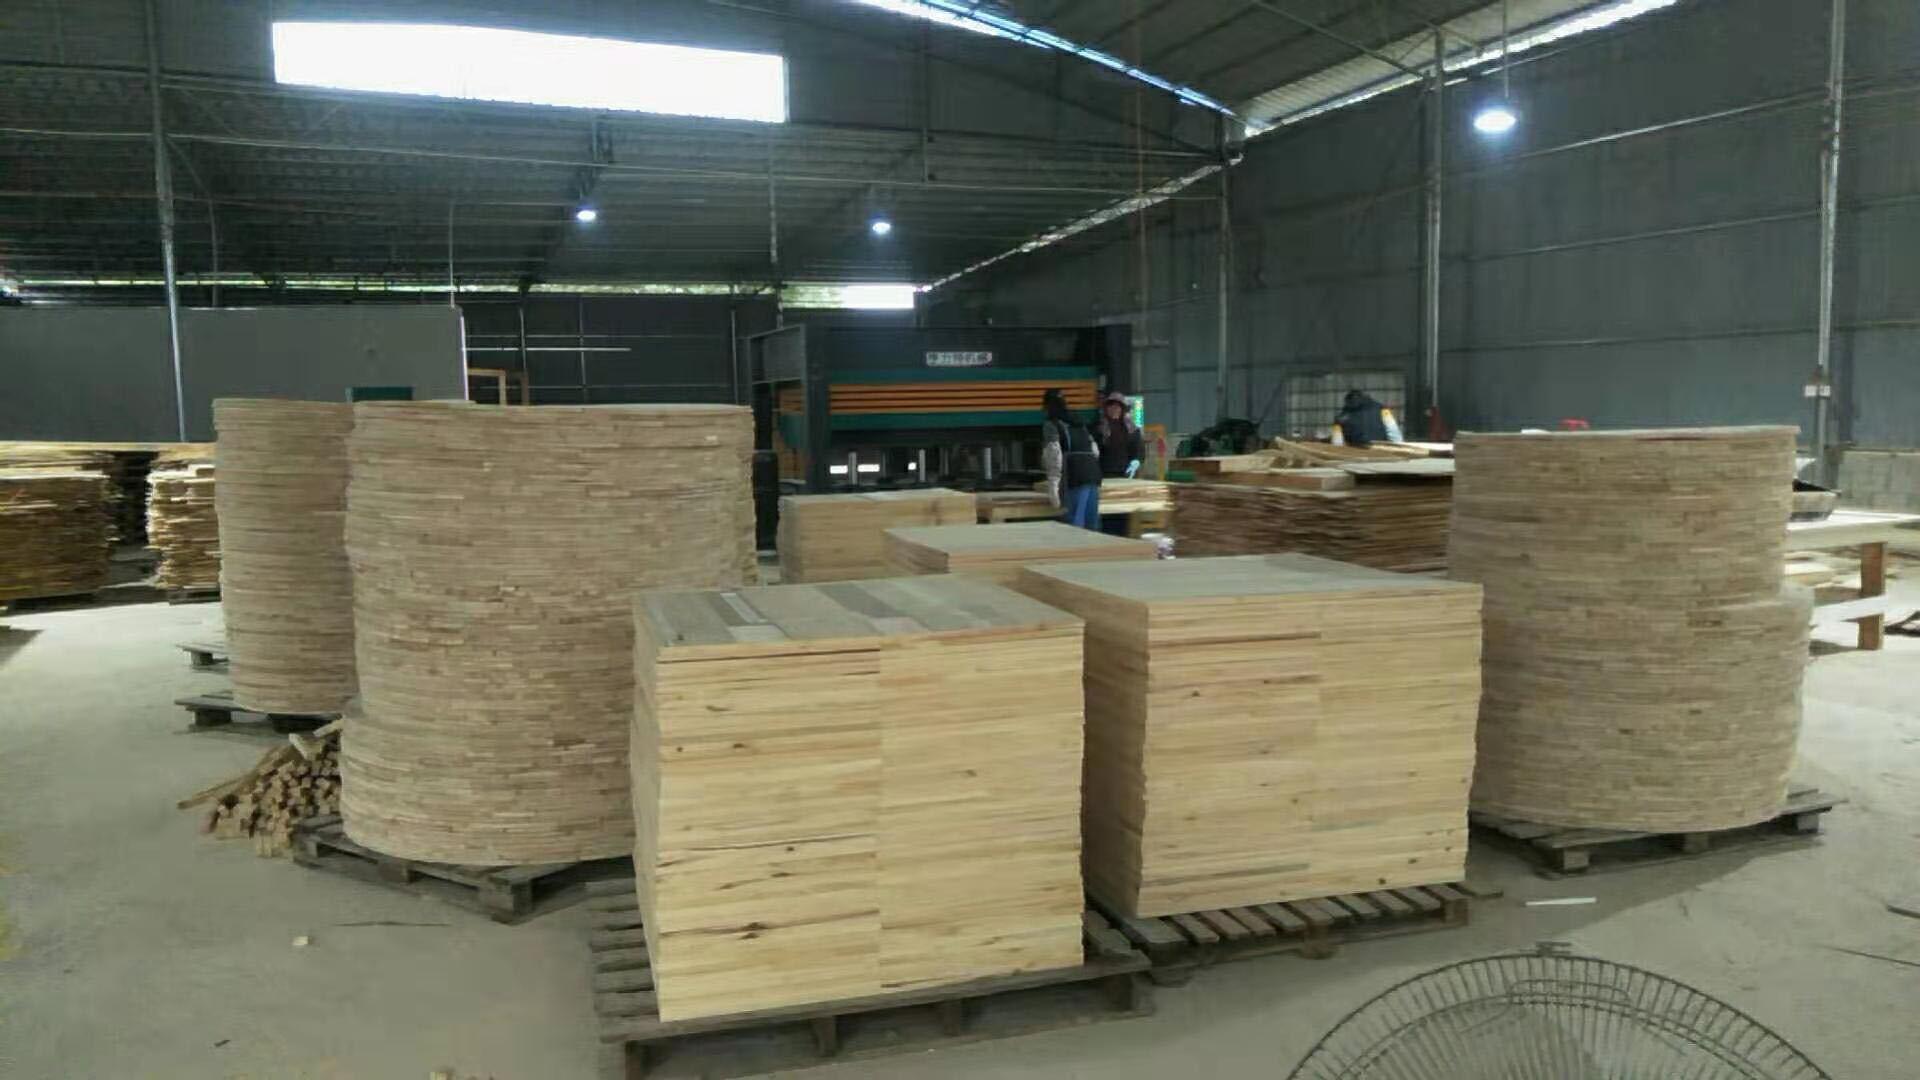 亨力特hlt3248-600t三聚氰氨貼面熱壓機,木工家具貼面熱壓機,生態板貼面熱壓機,尺寸非標可以定制示例圖15